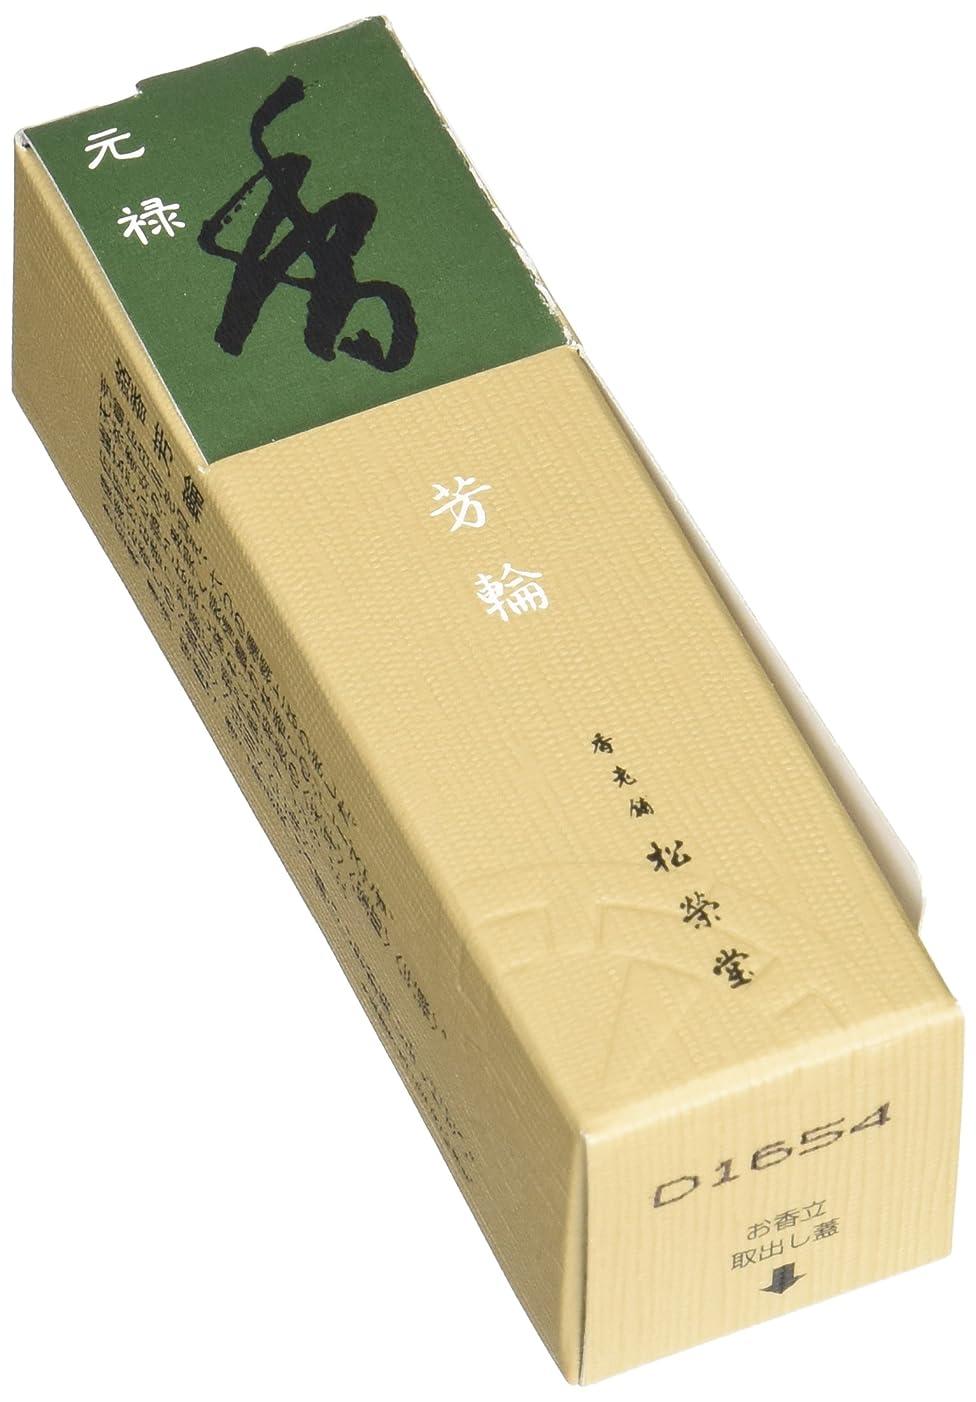 偽造シアーハック松栄堂のお香 芳輪元禄 ST20本入 簡易香立付 #210323